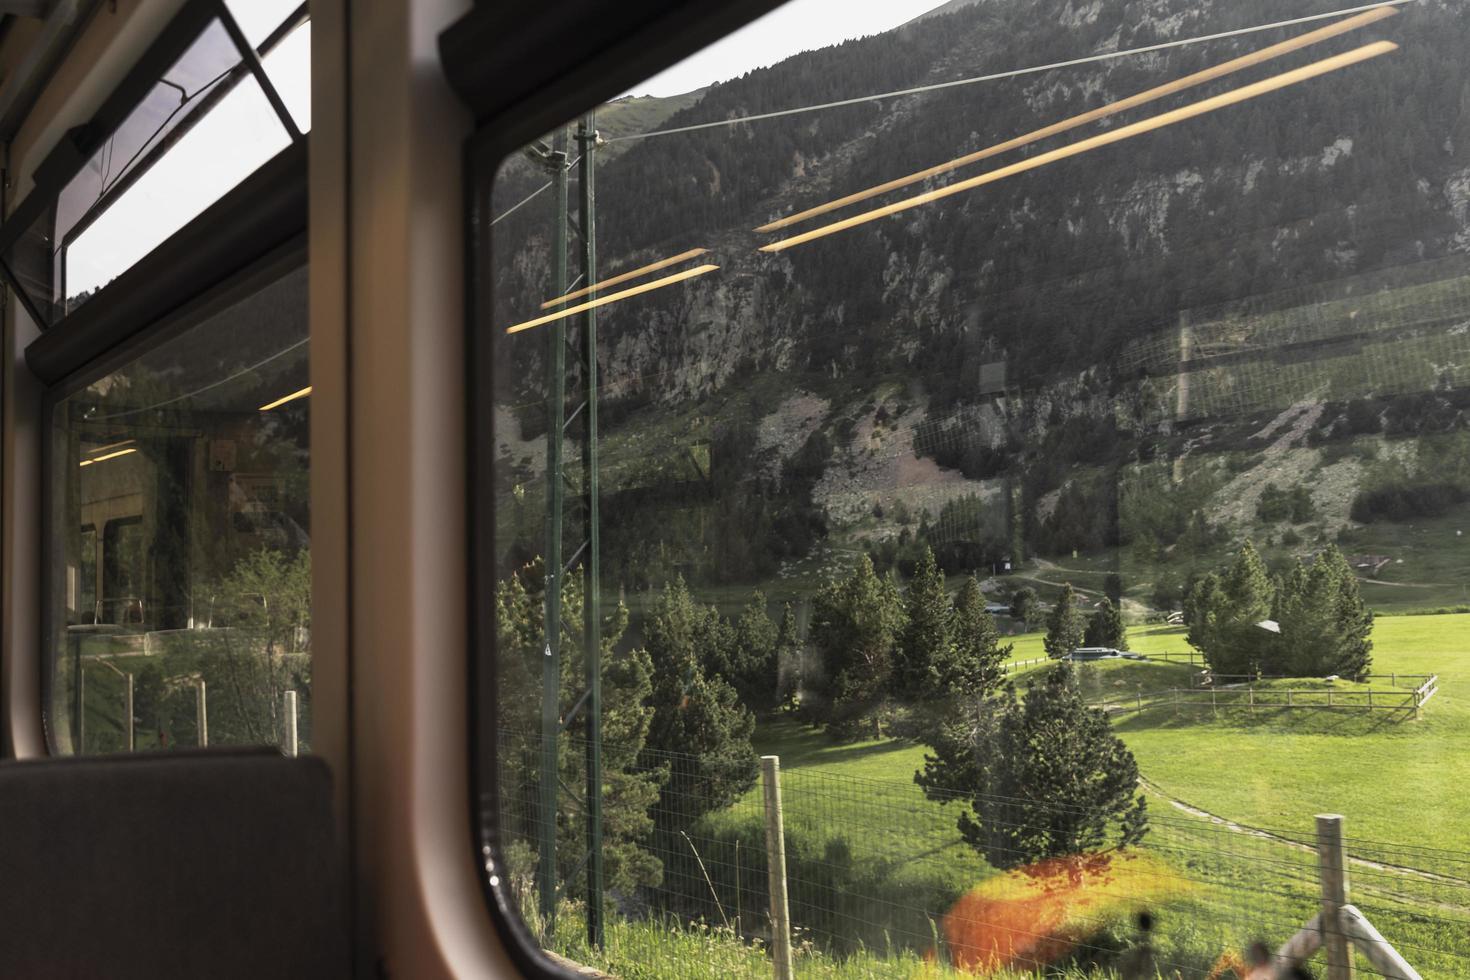 el concepto de viajar en tren. foto